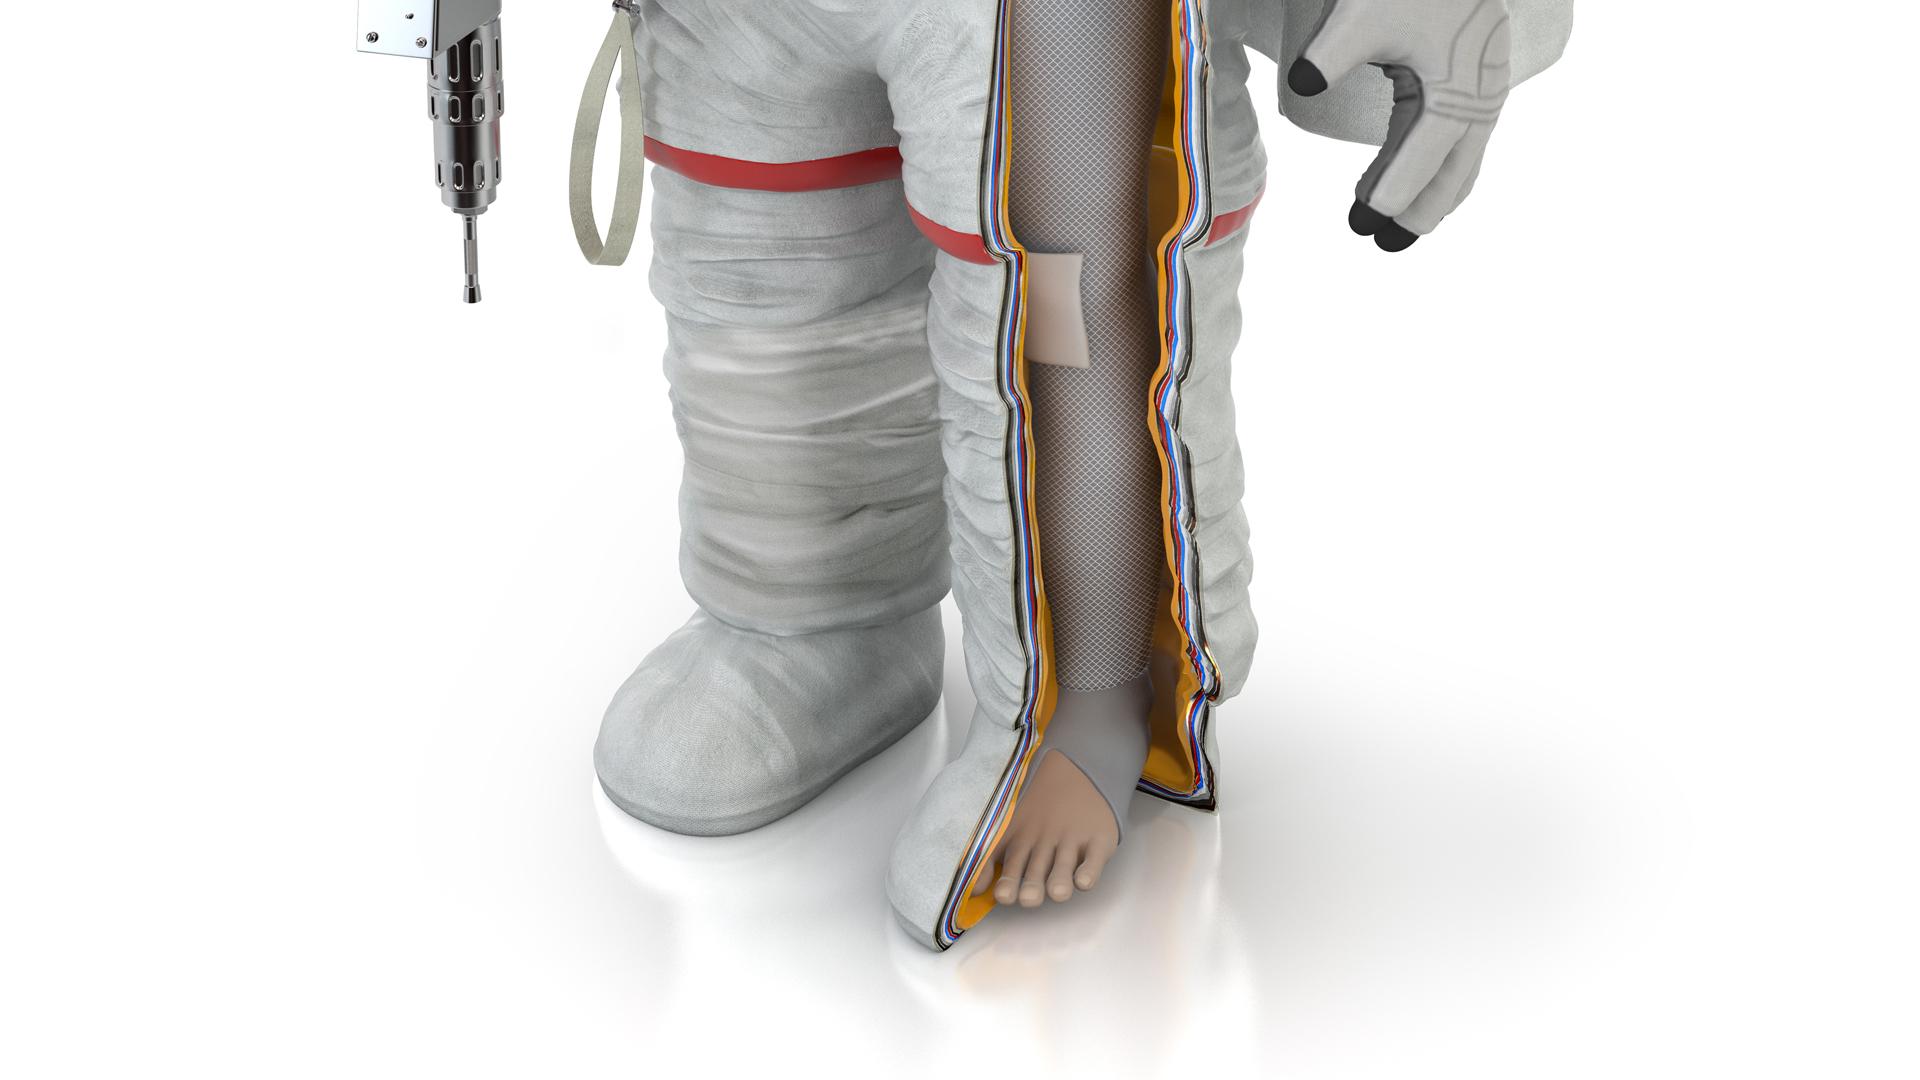 DK-Spacebook_07